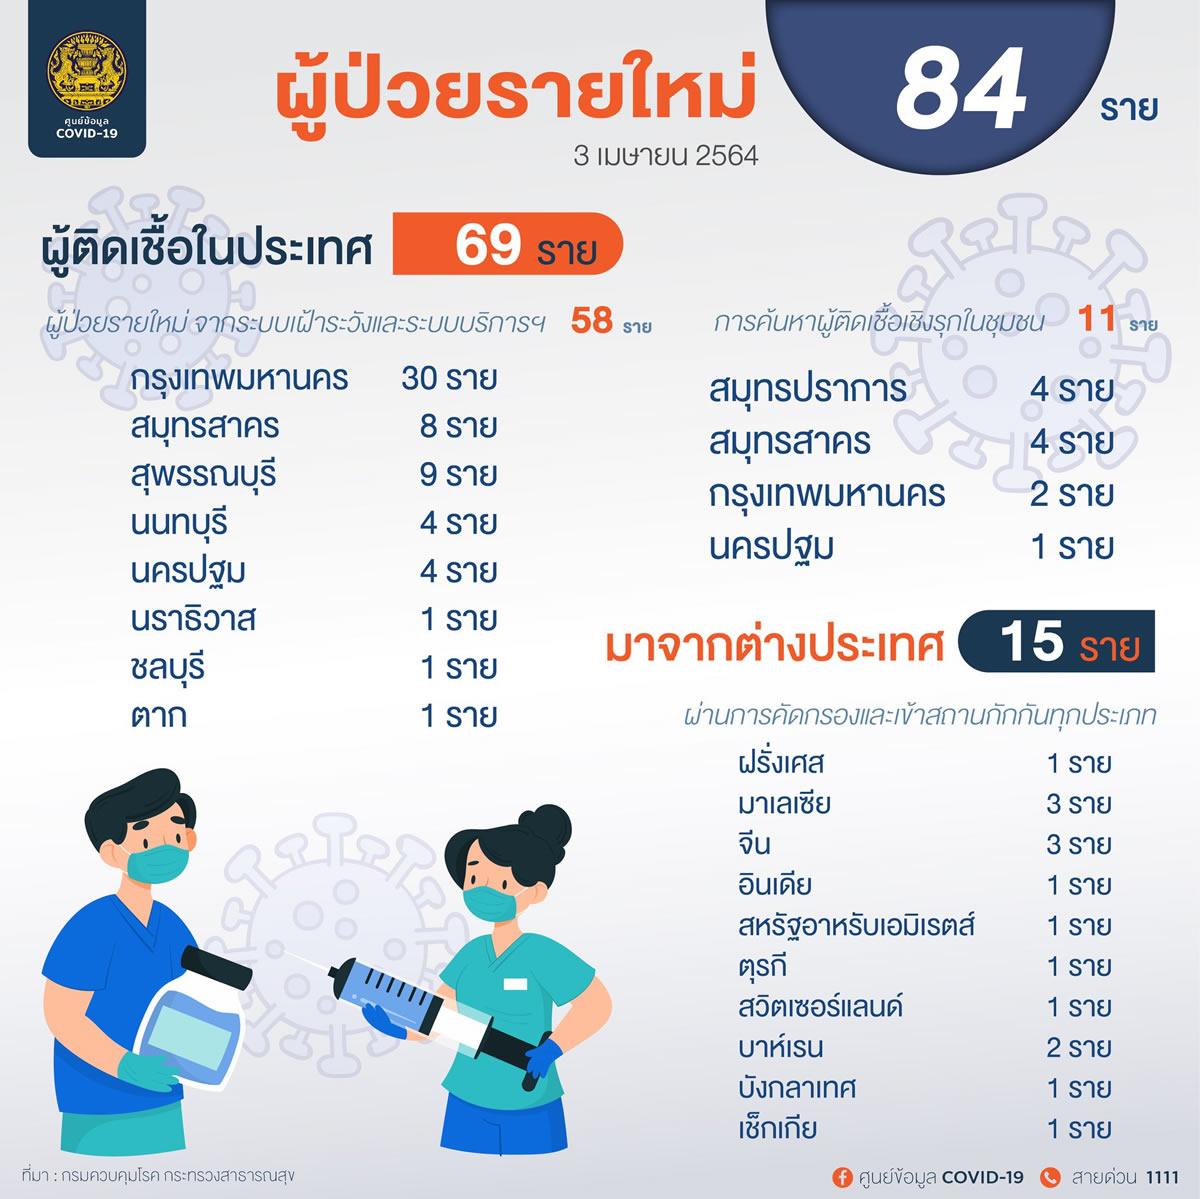 新規タイ国内感染69人、バンコク都では32人を確認[2021年4月3日発表]